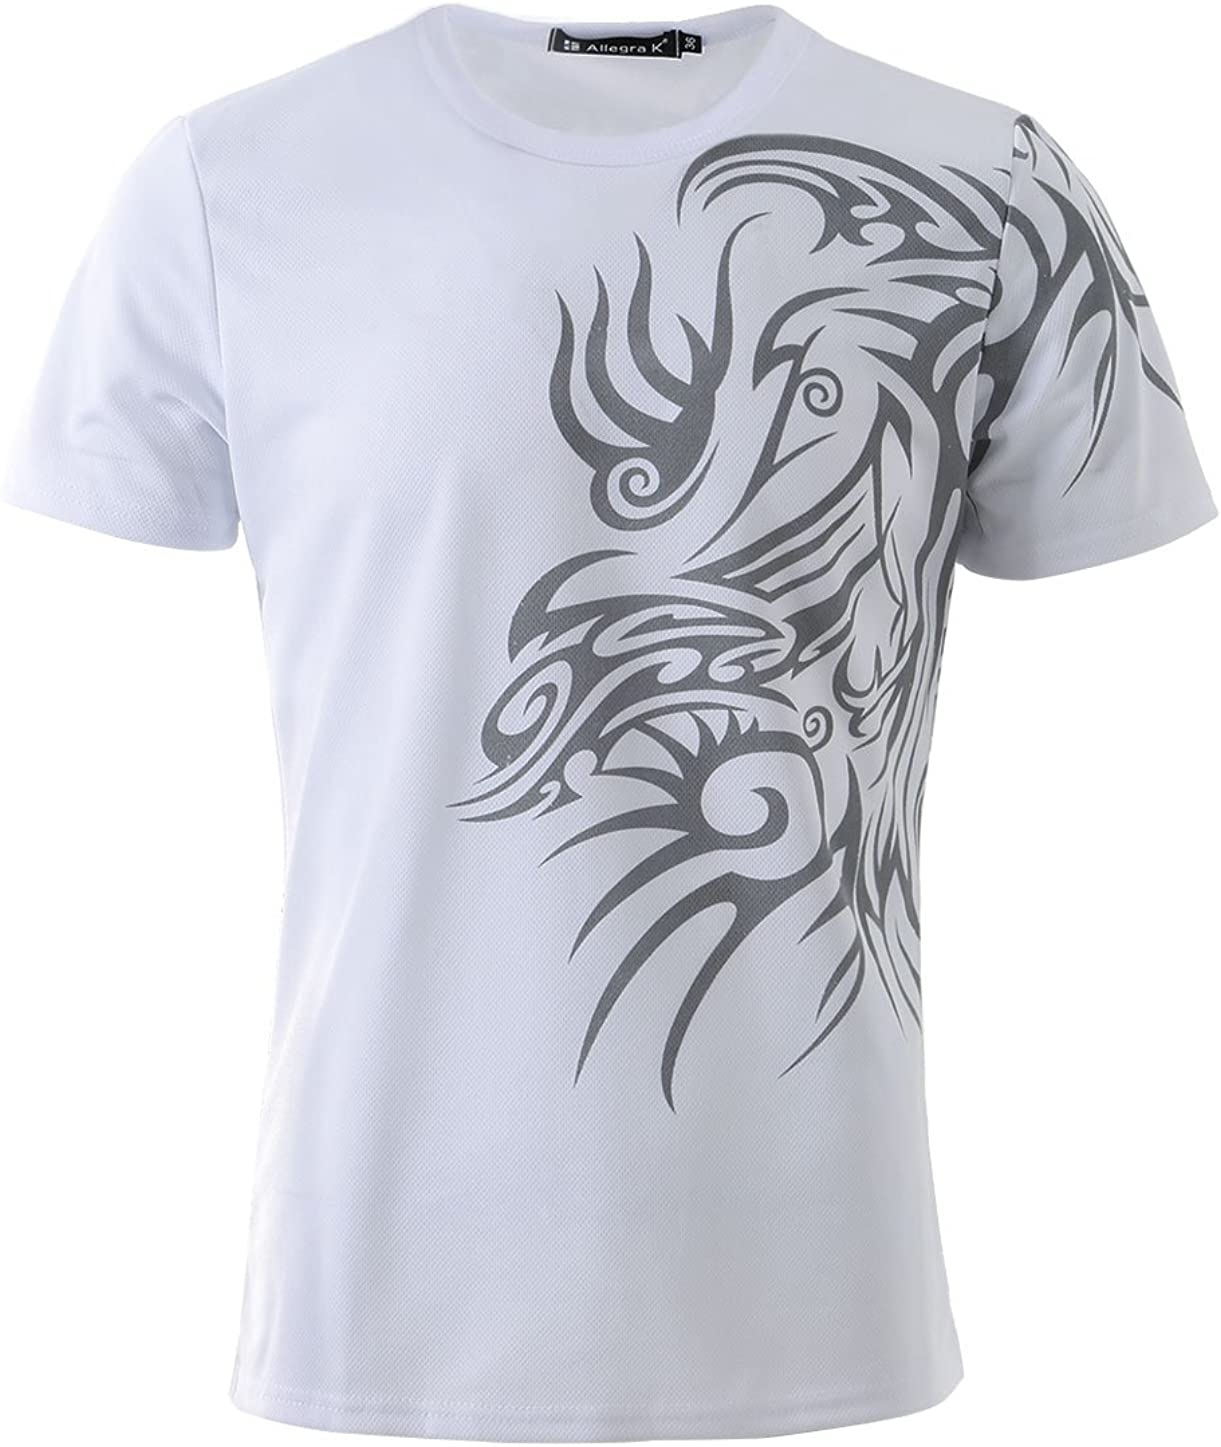 T-Shirt Kurzarm Mit Aufdruck Rundhals Casual Slim Fit OZONEE JS//SS10925 Herren